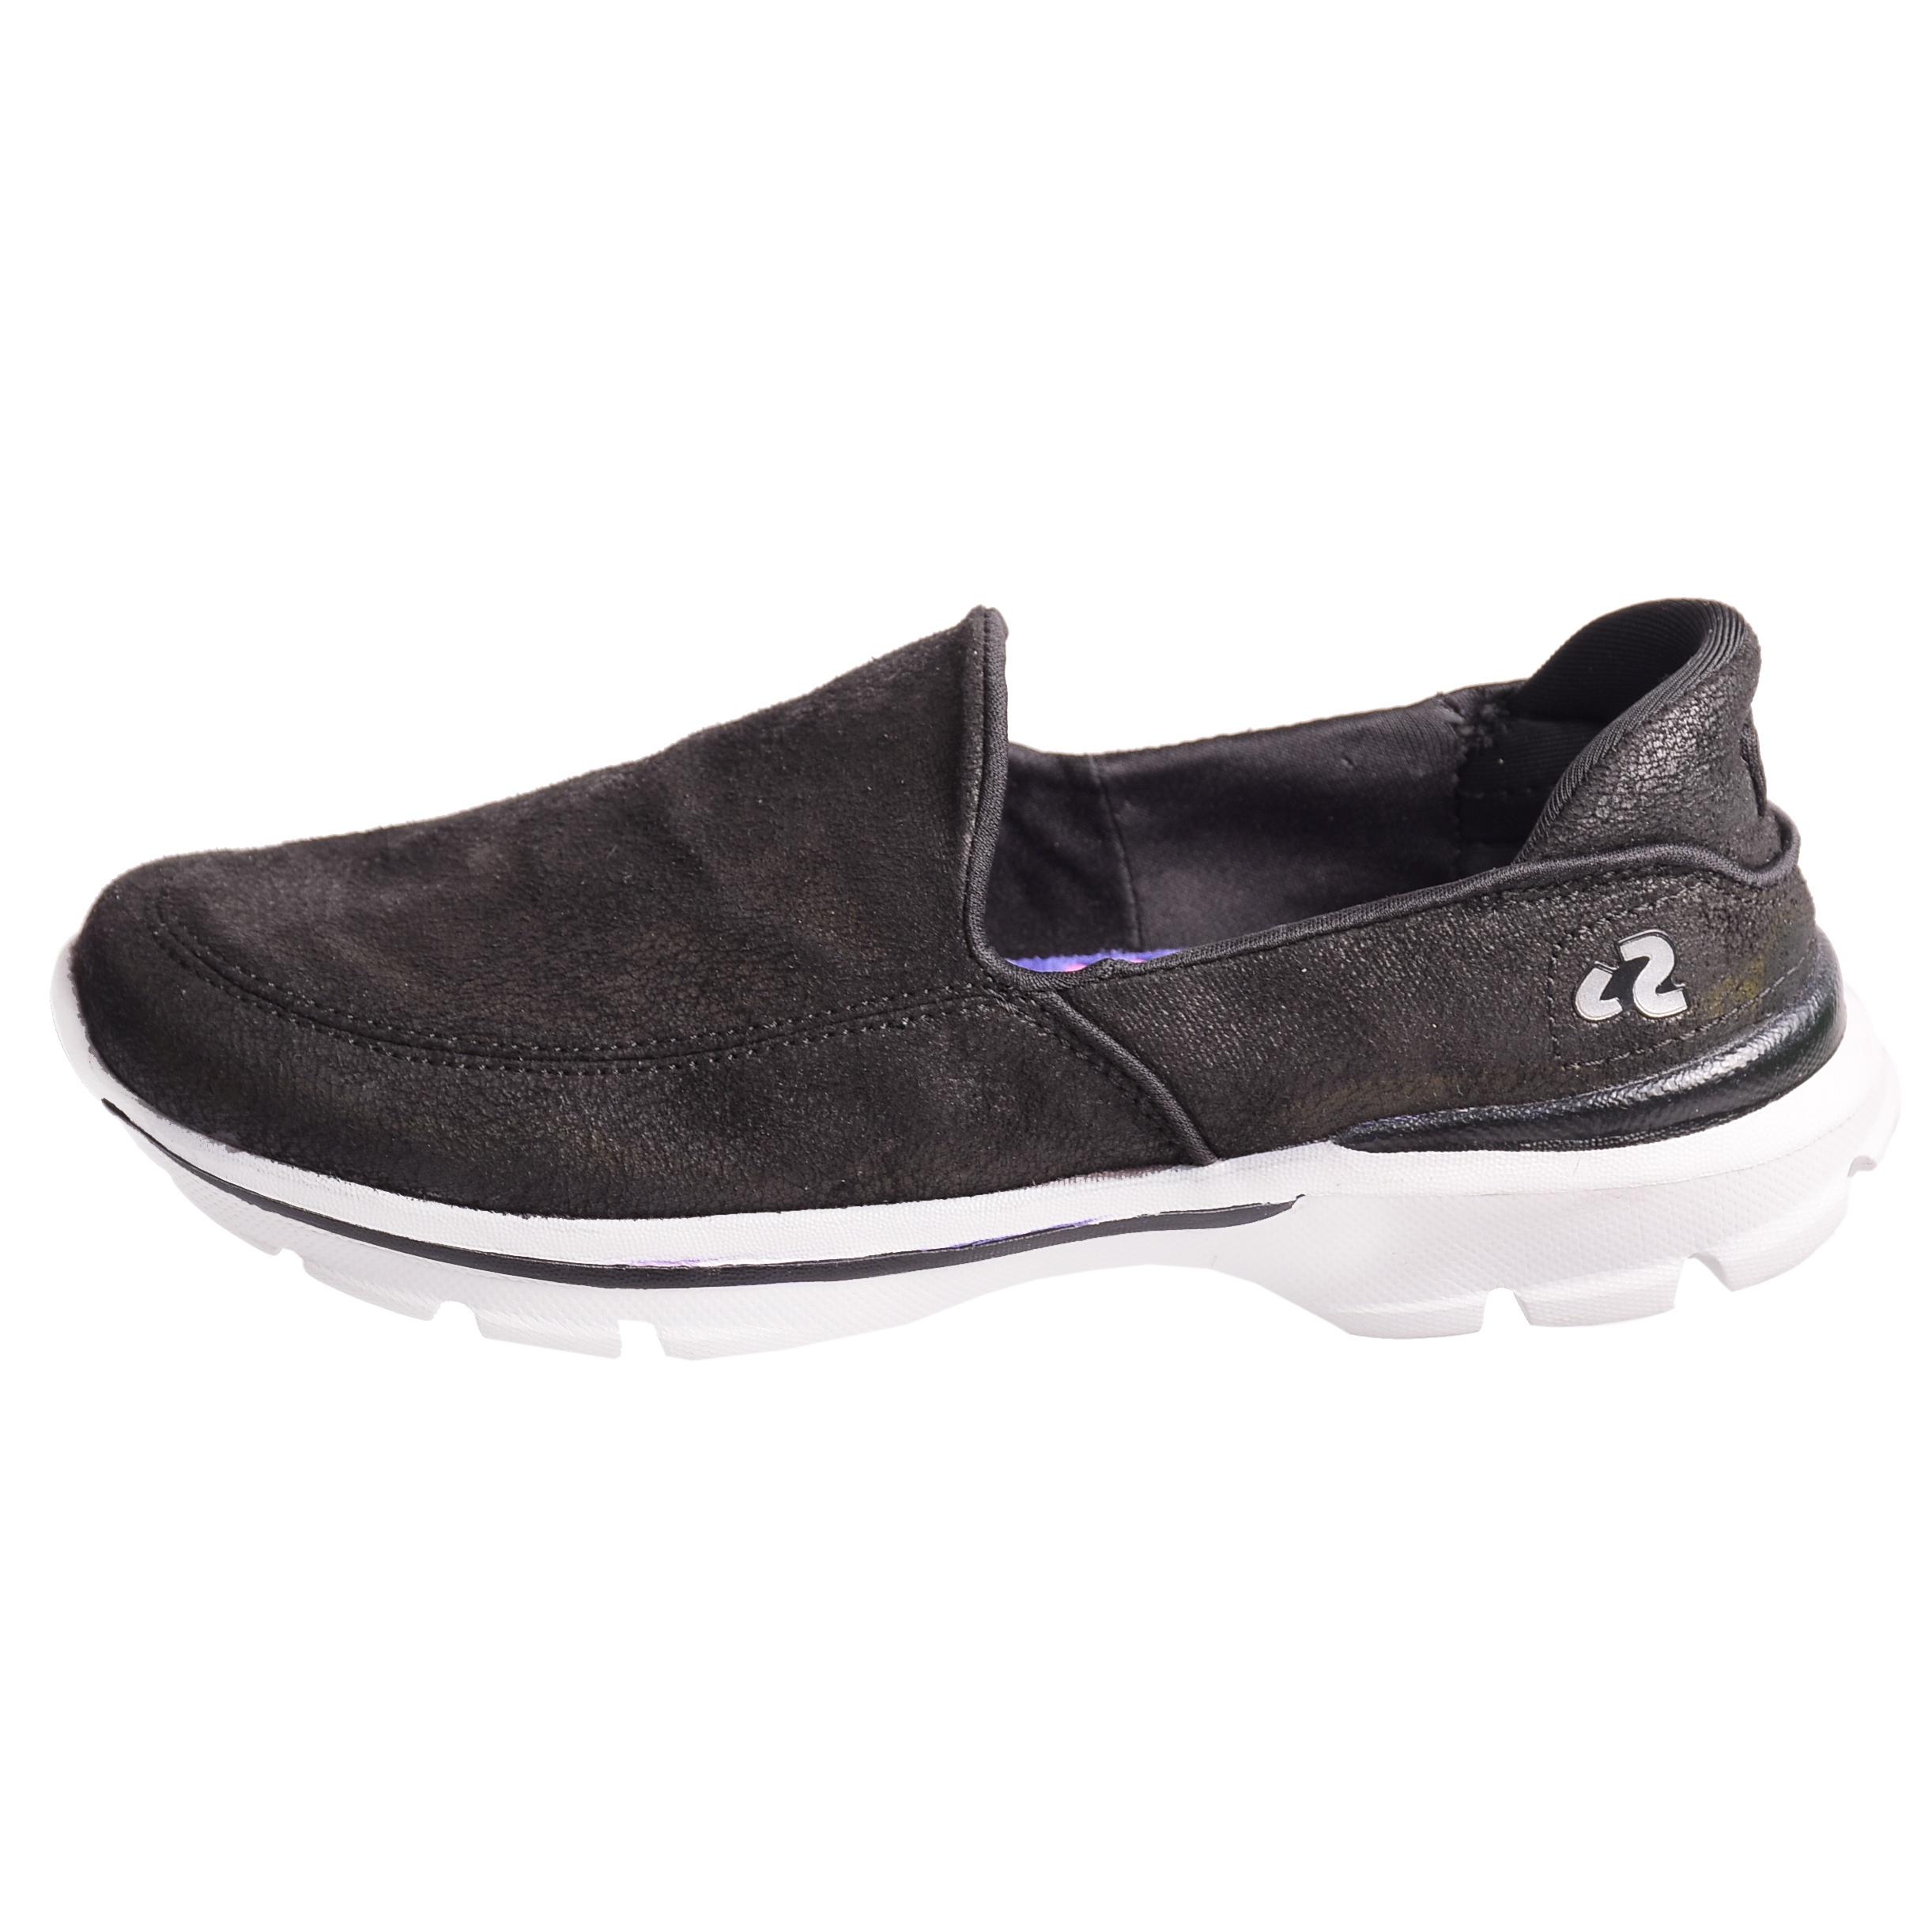 کفش مخصوص پیاده روی زنانه پرفکت استپس مدل الگانت کد 2960 رنگ مشکی